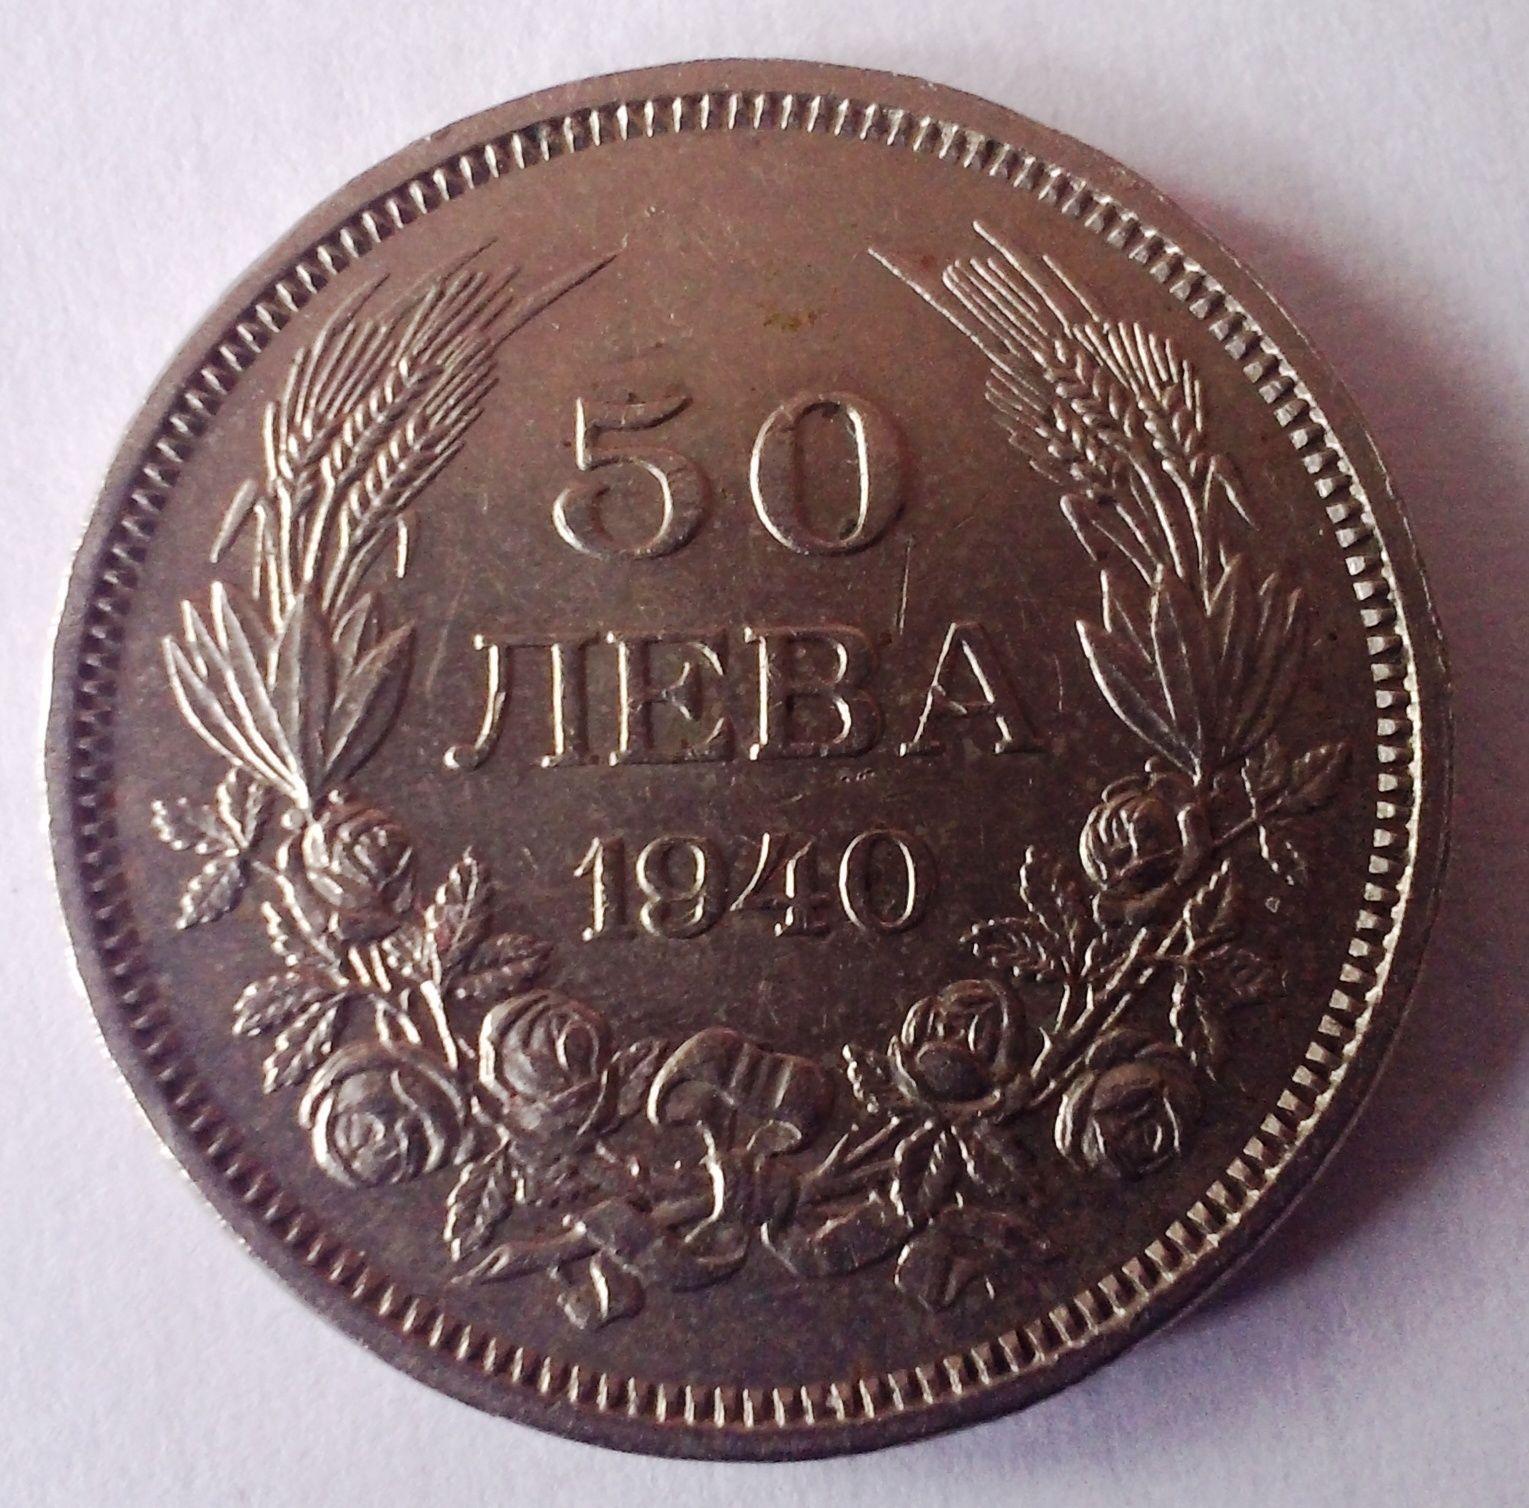 3 Coin Lot Bulgaria 1940 50 Leva Coins nice coins